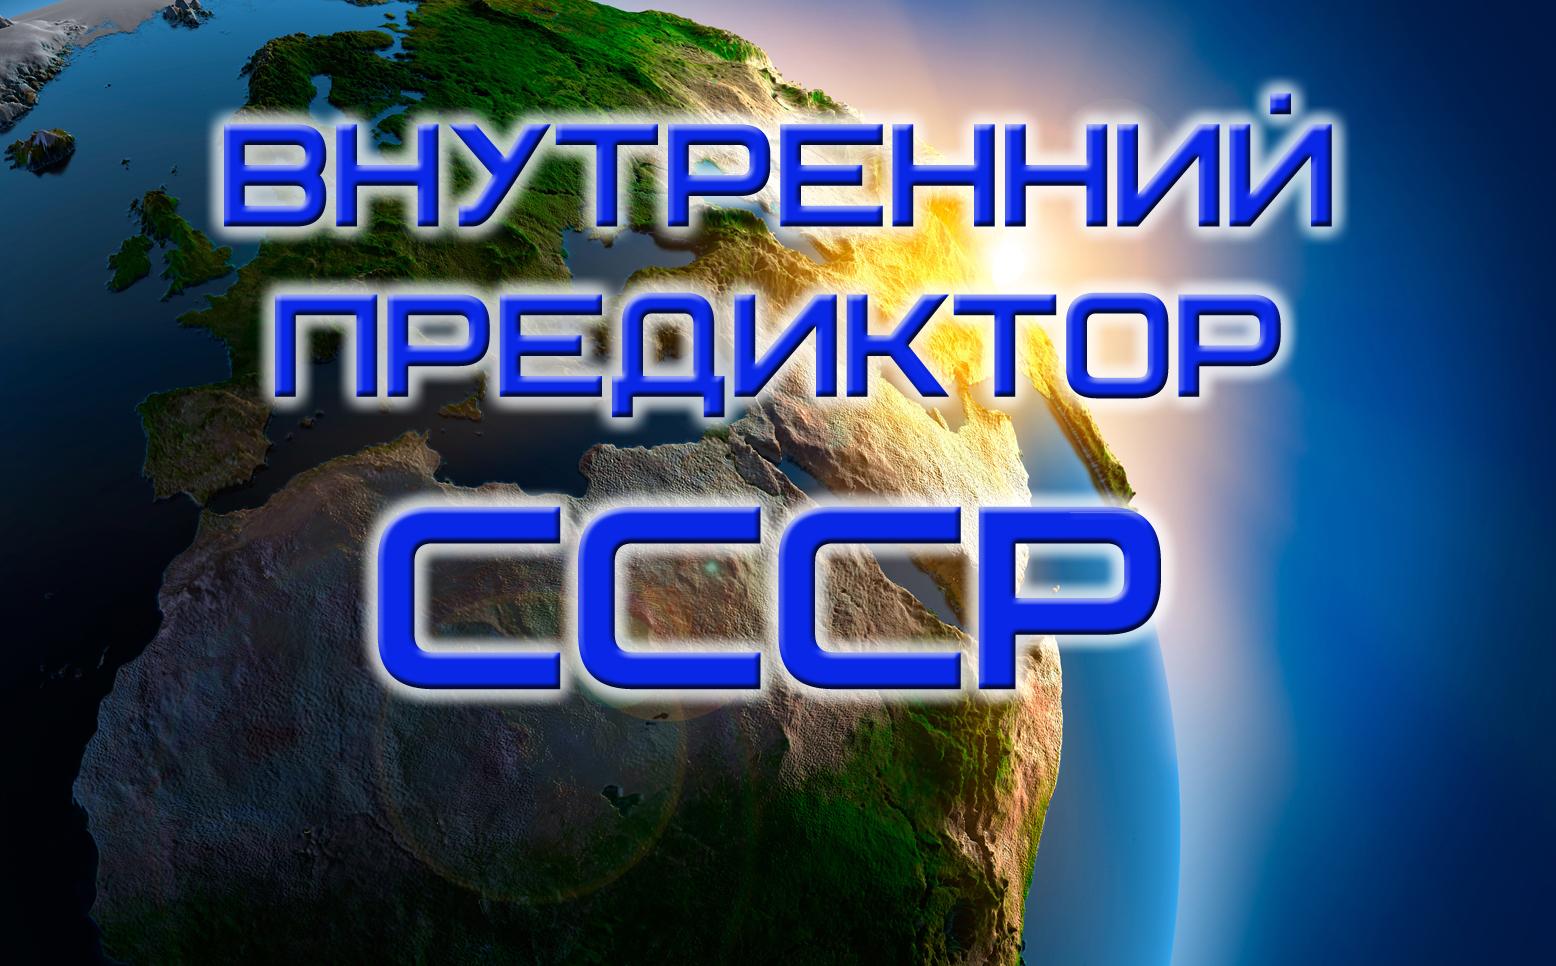 Книги Внутреннего Предиктора СССР